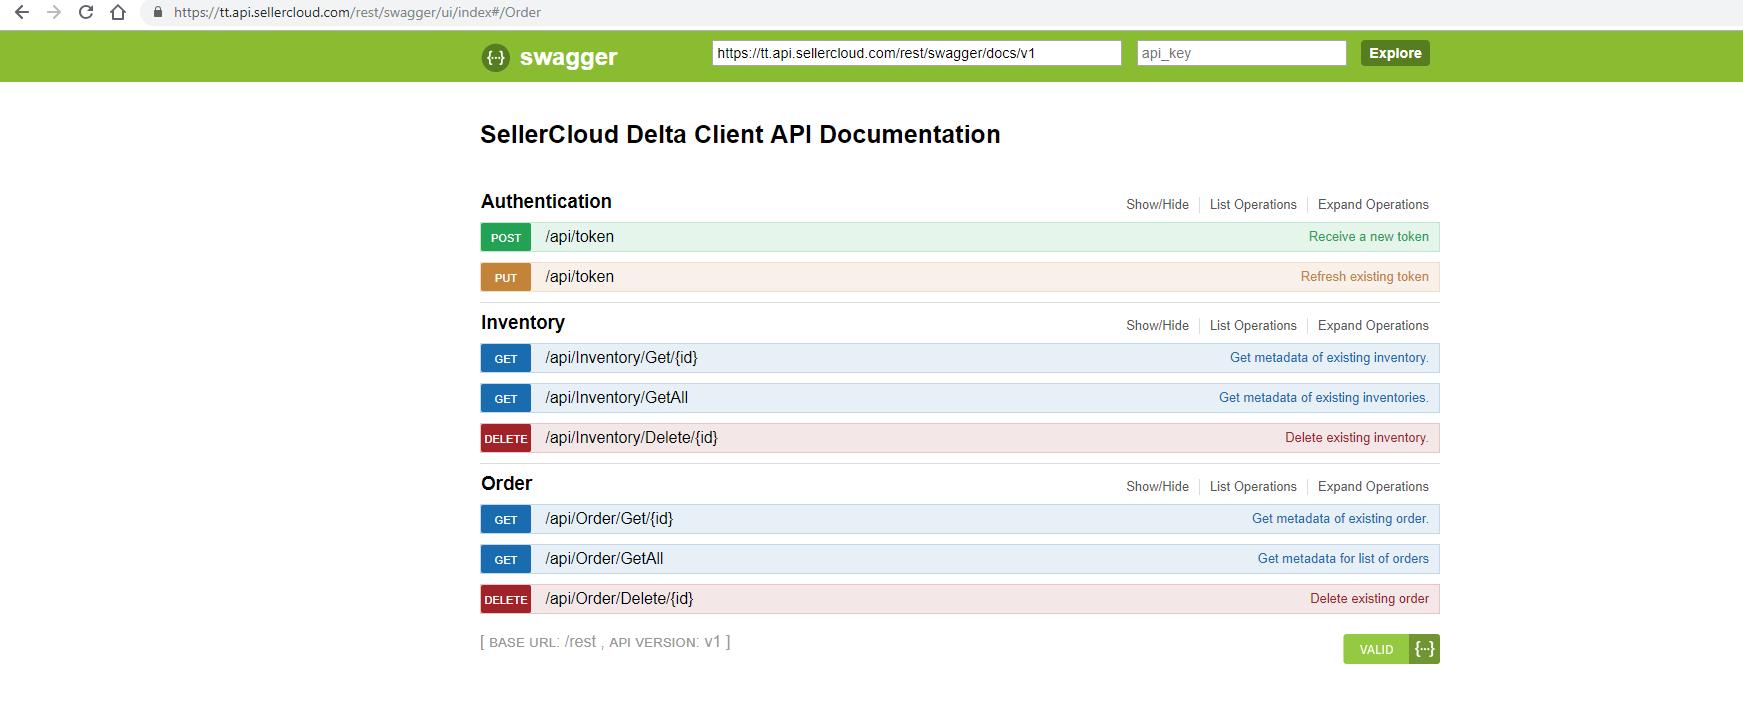 SellerCloud API Docs - REST Services Overview